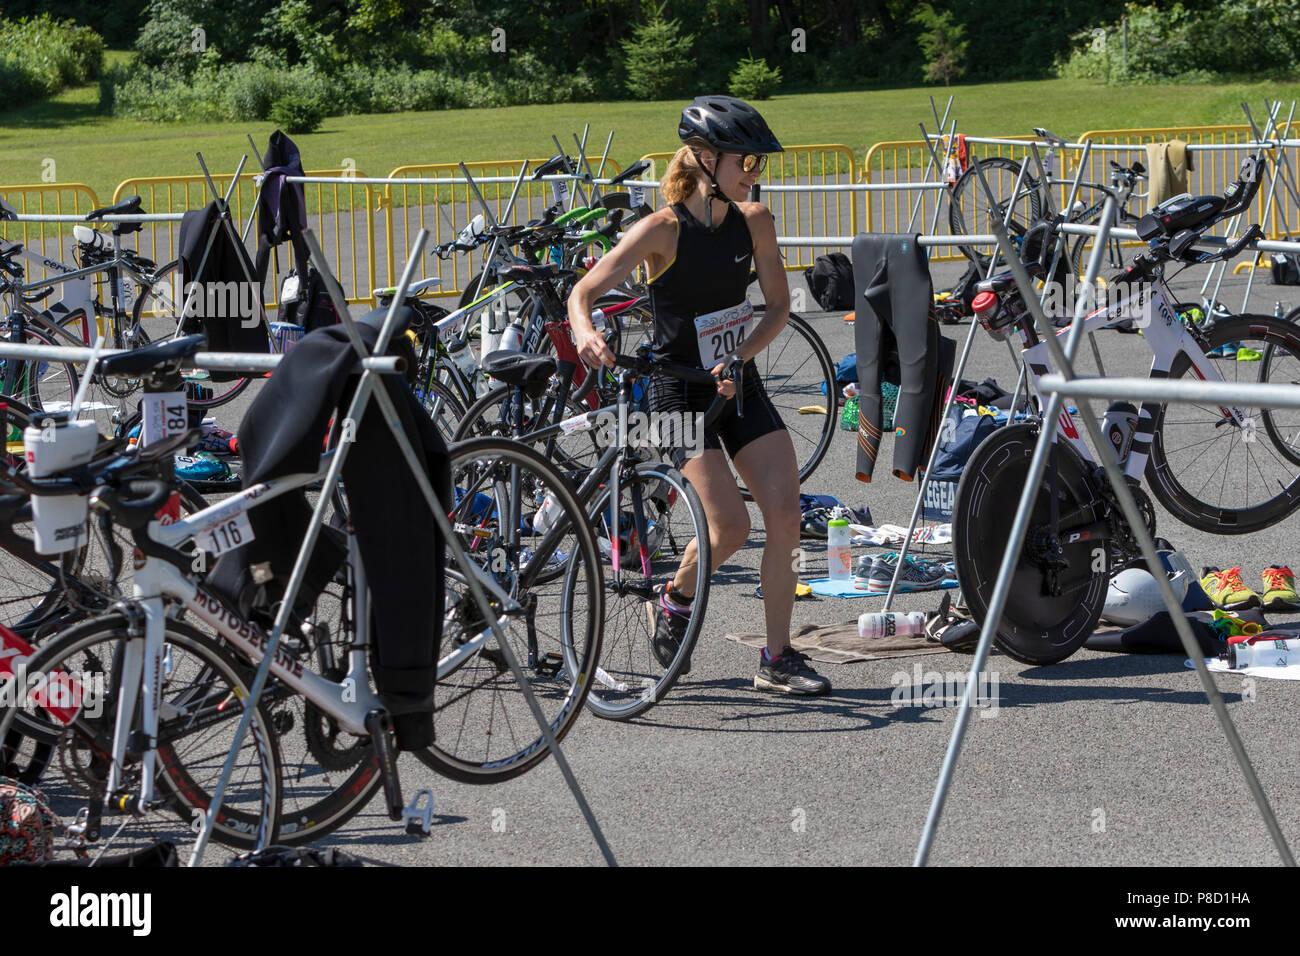 Mariola Moeyaert competiting en el segmento de bicicleta en el 2018 Stissing triatlón Foto de stock